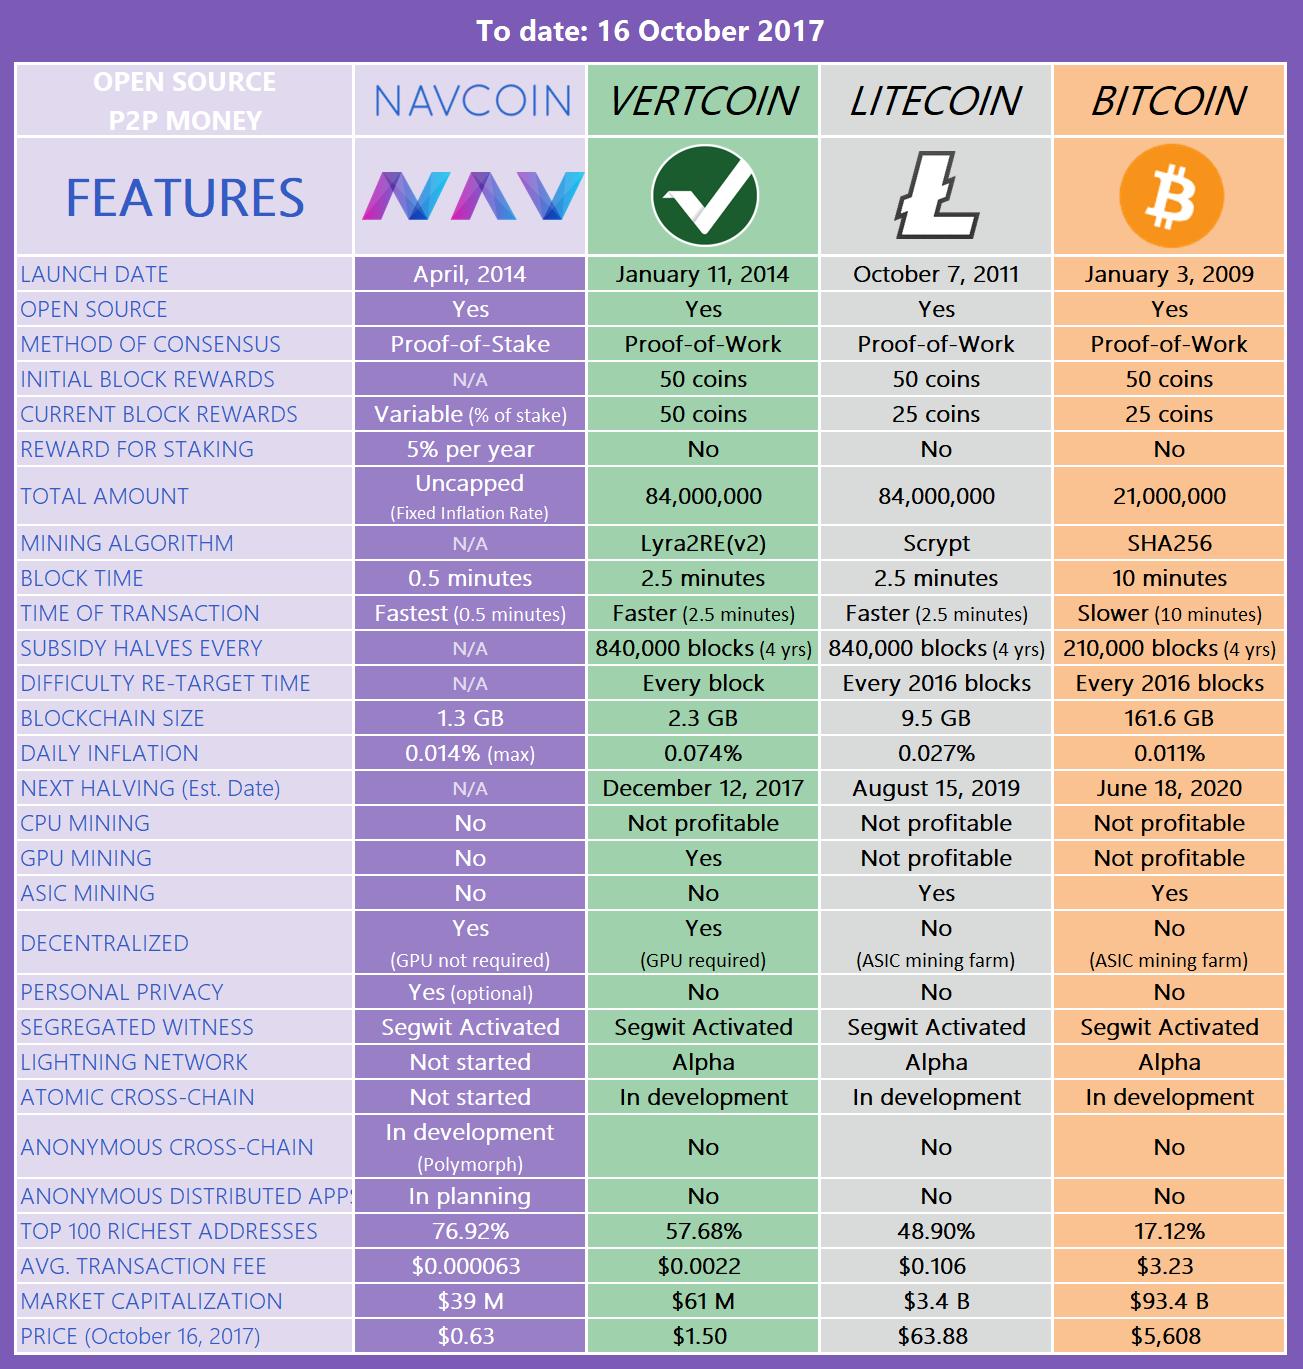 Abclinuxu bitcoin values